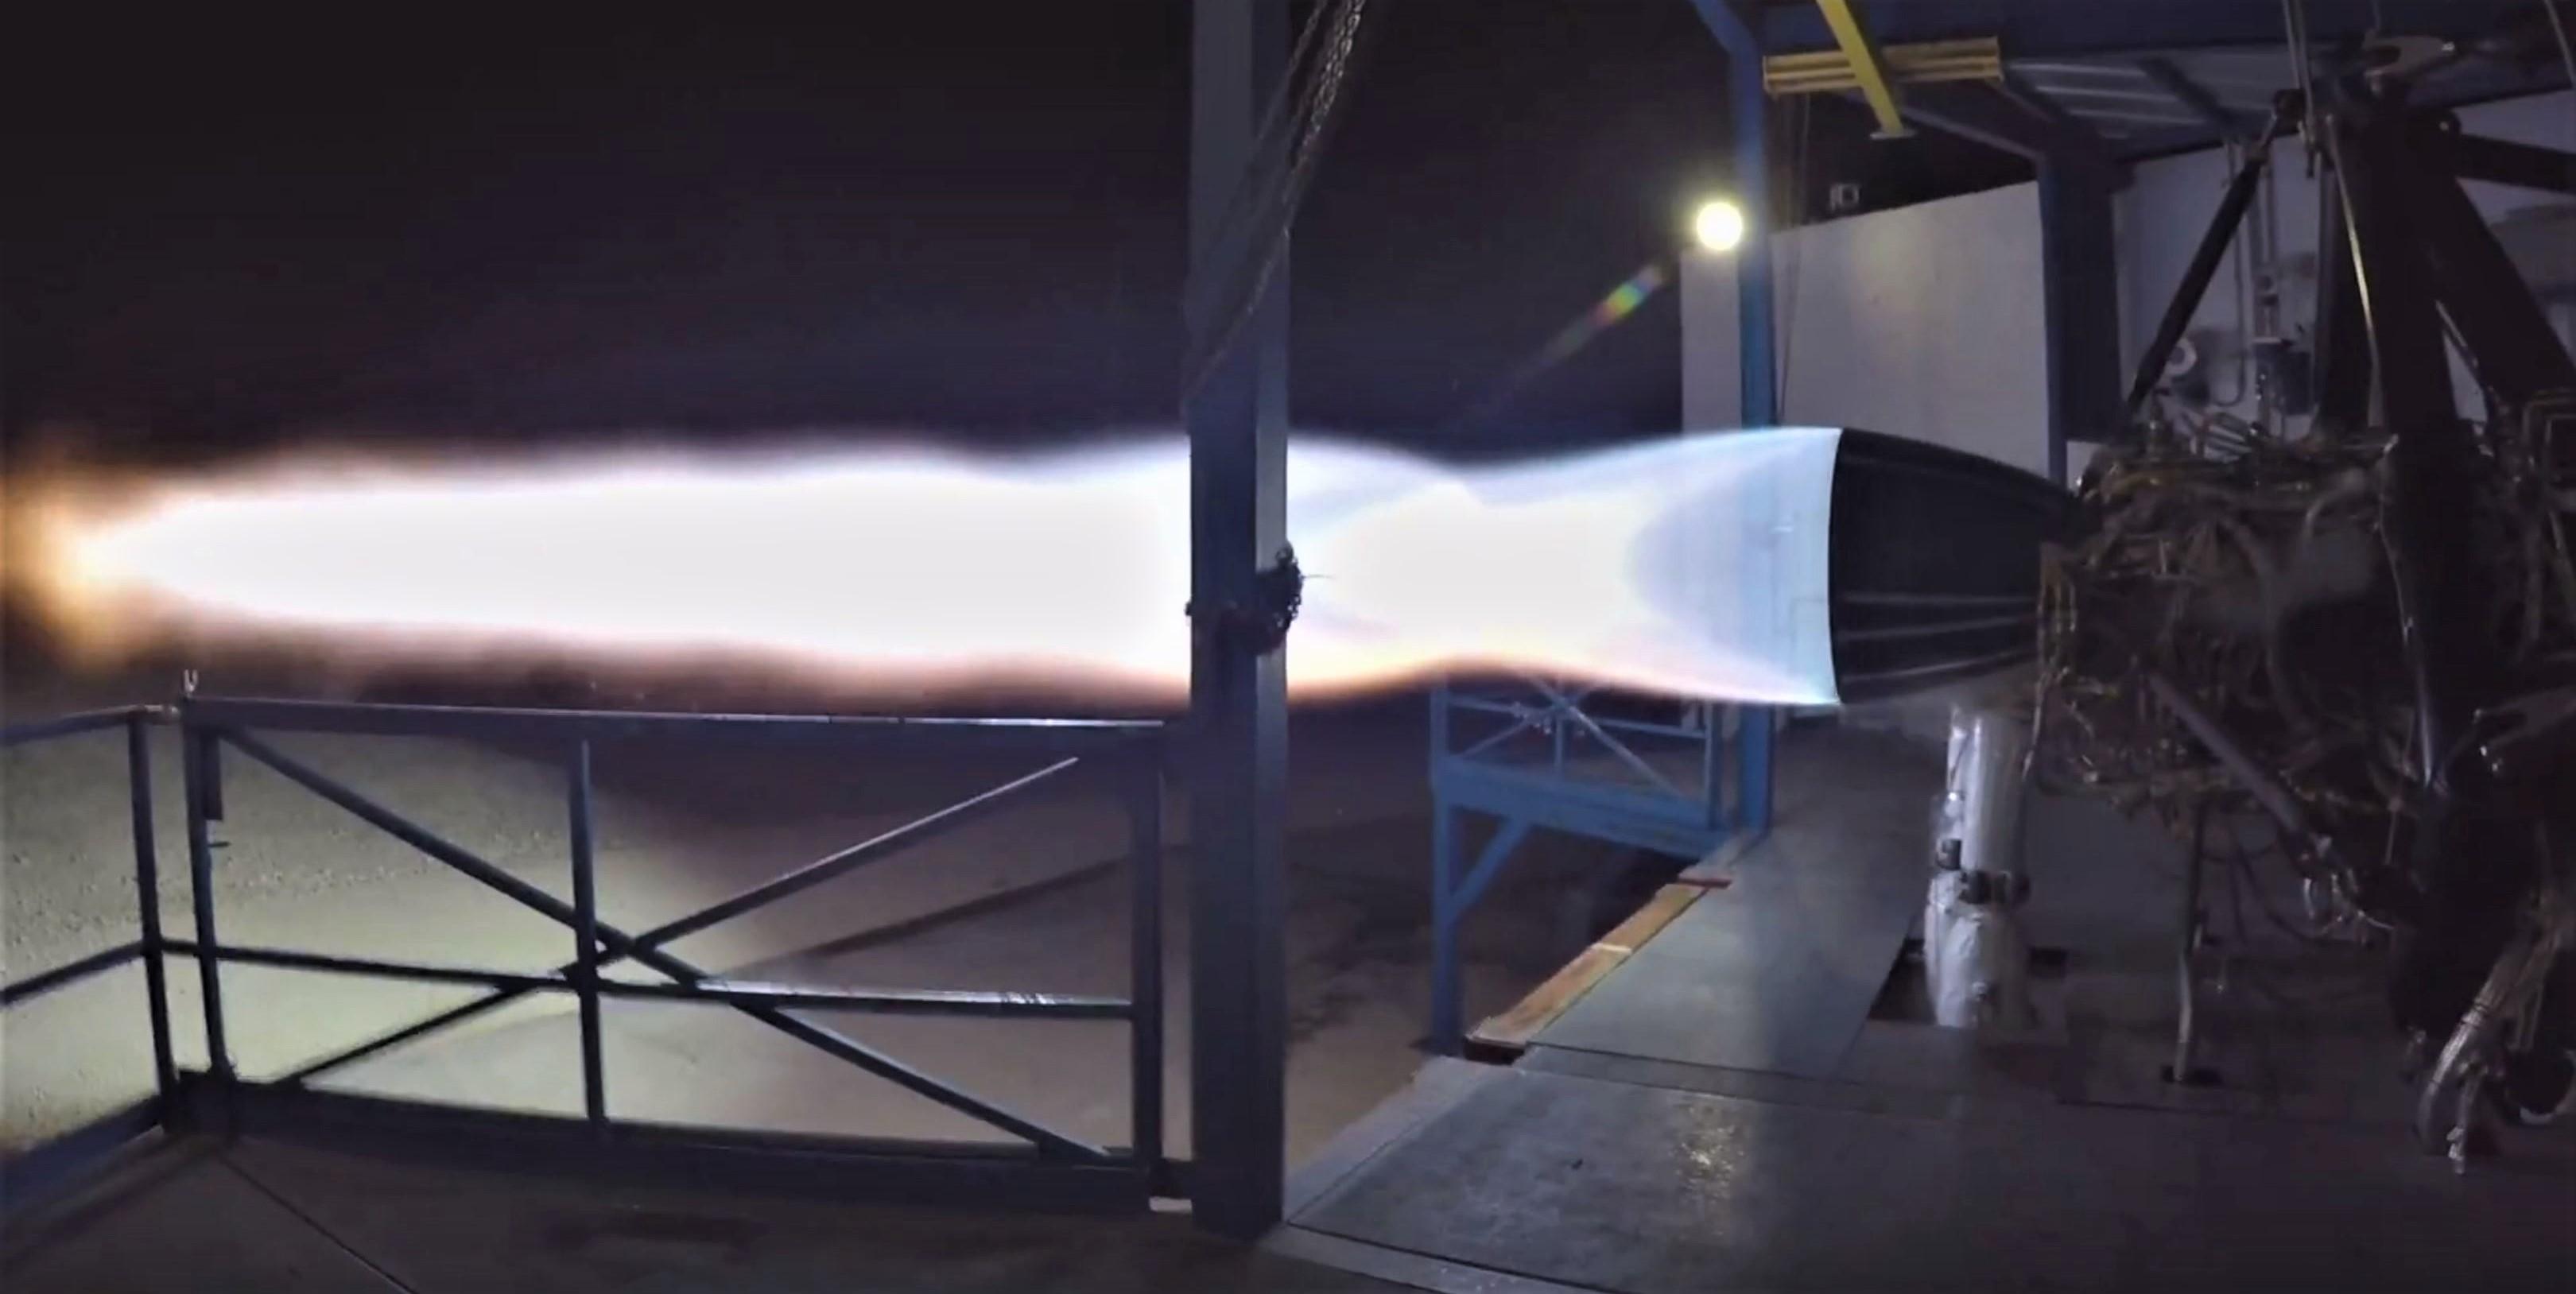 Raptor testing 2018 (SpaceX) crop 2